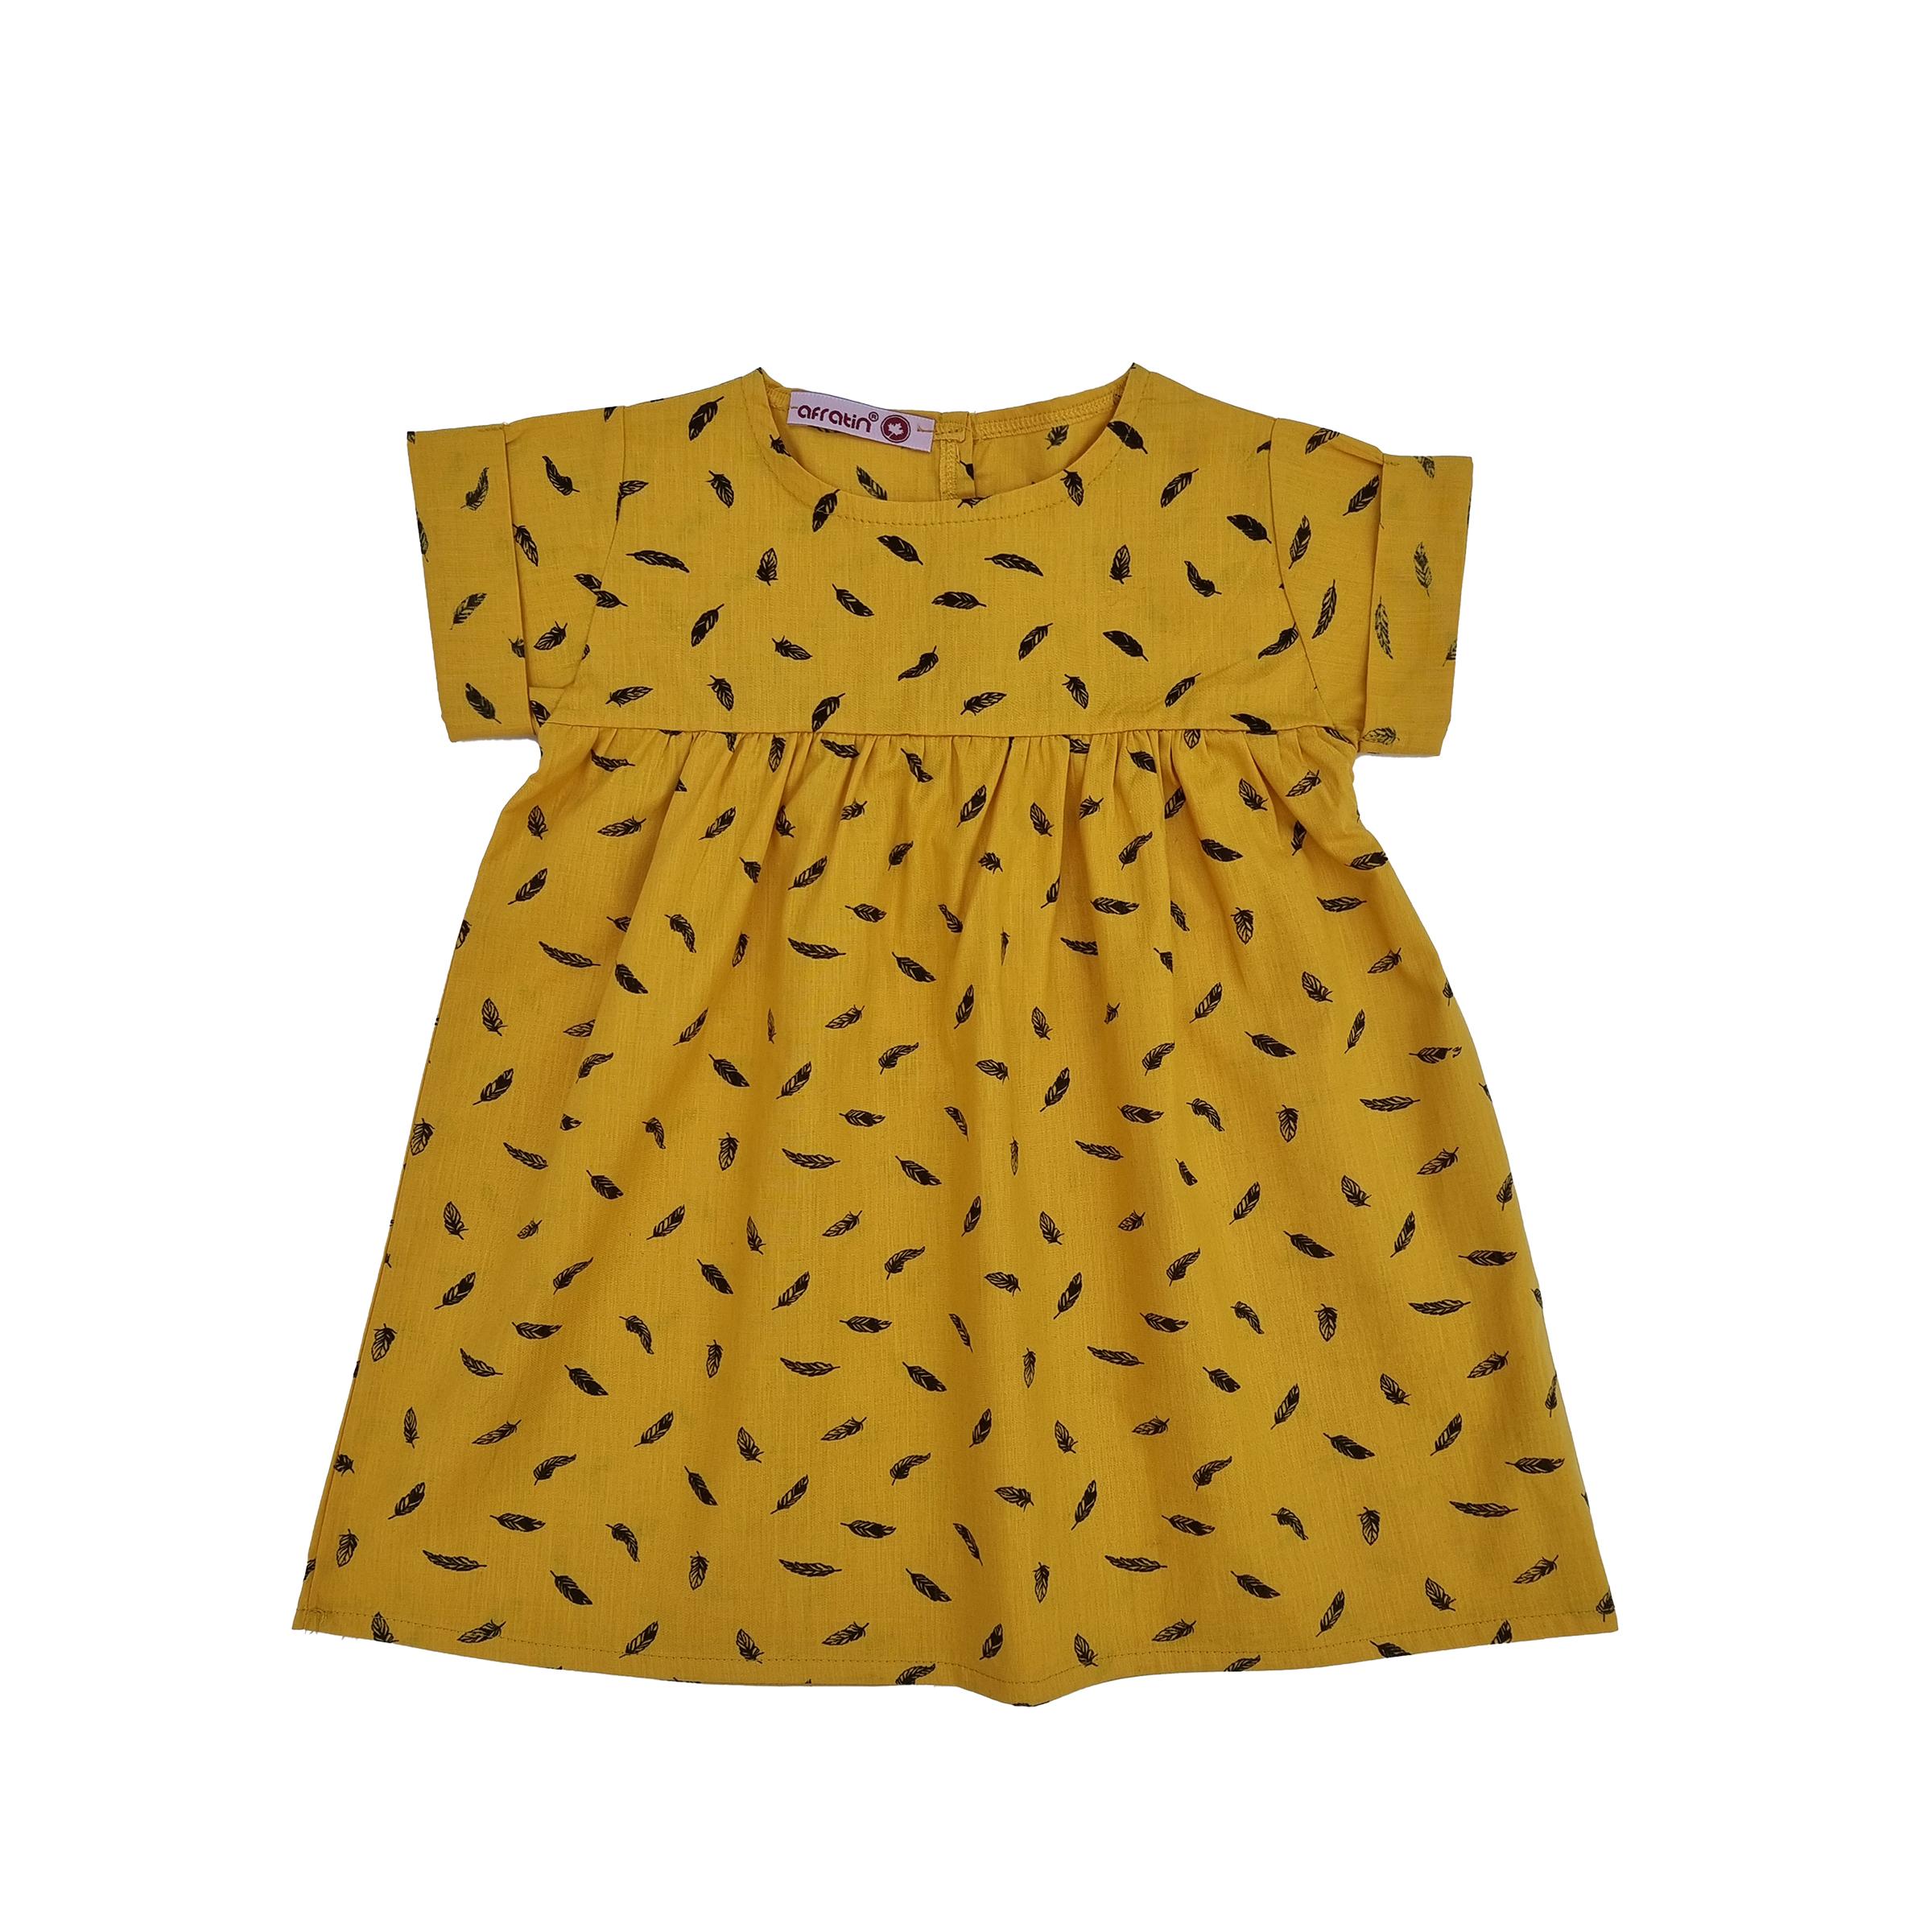 پیراهن دخترانه افراتین مدل پر رنگ خردلی